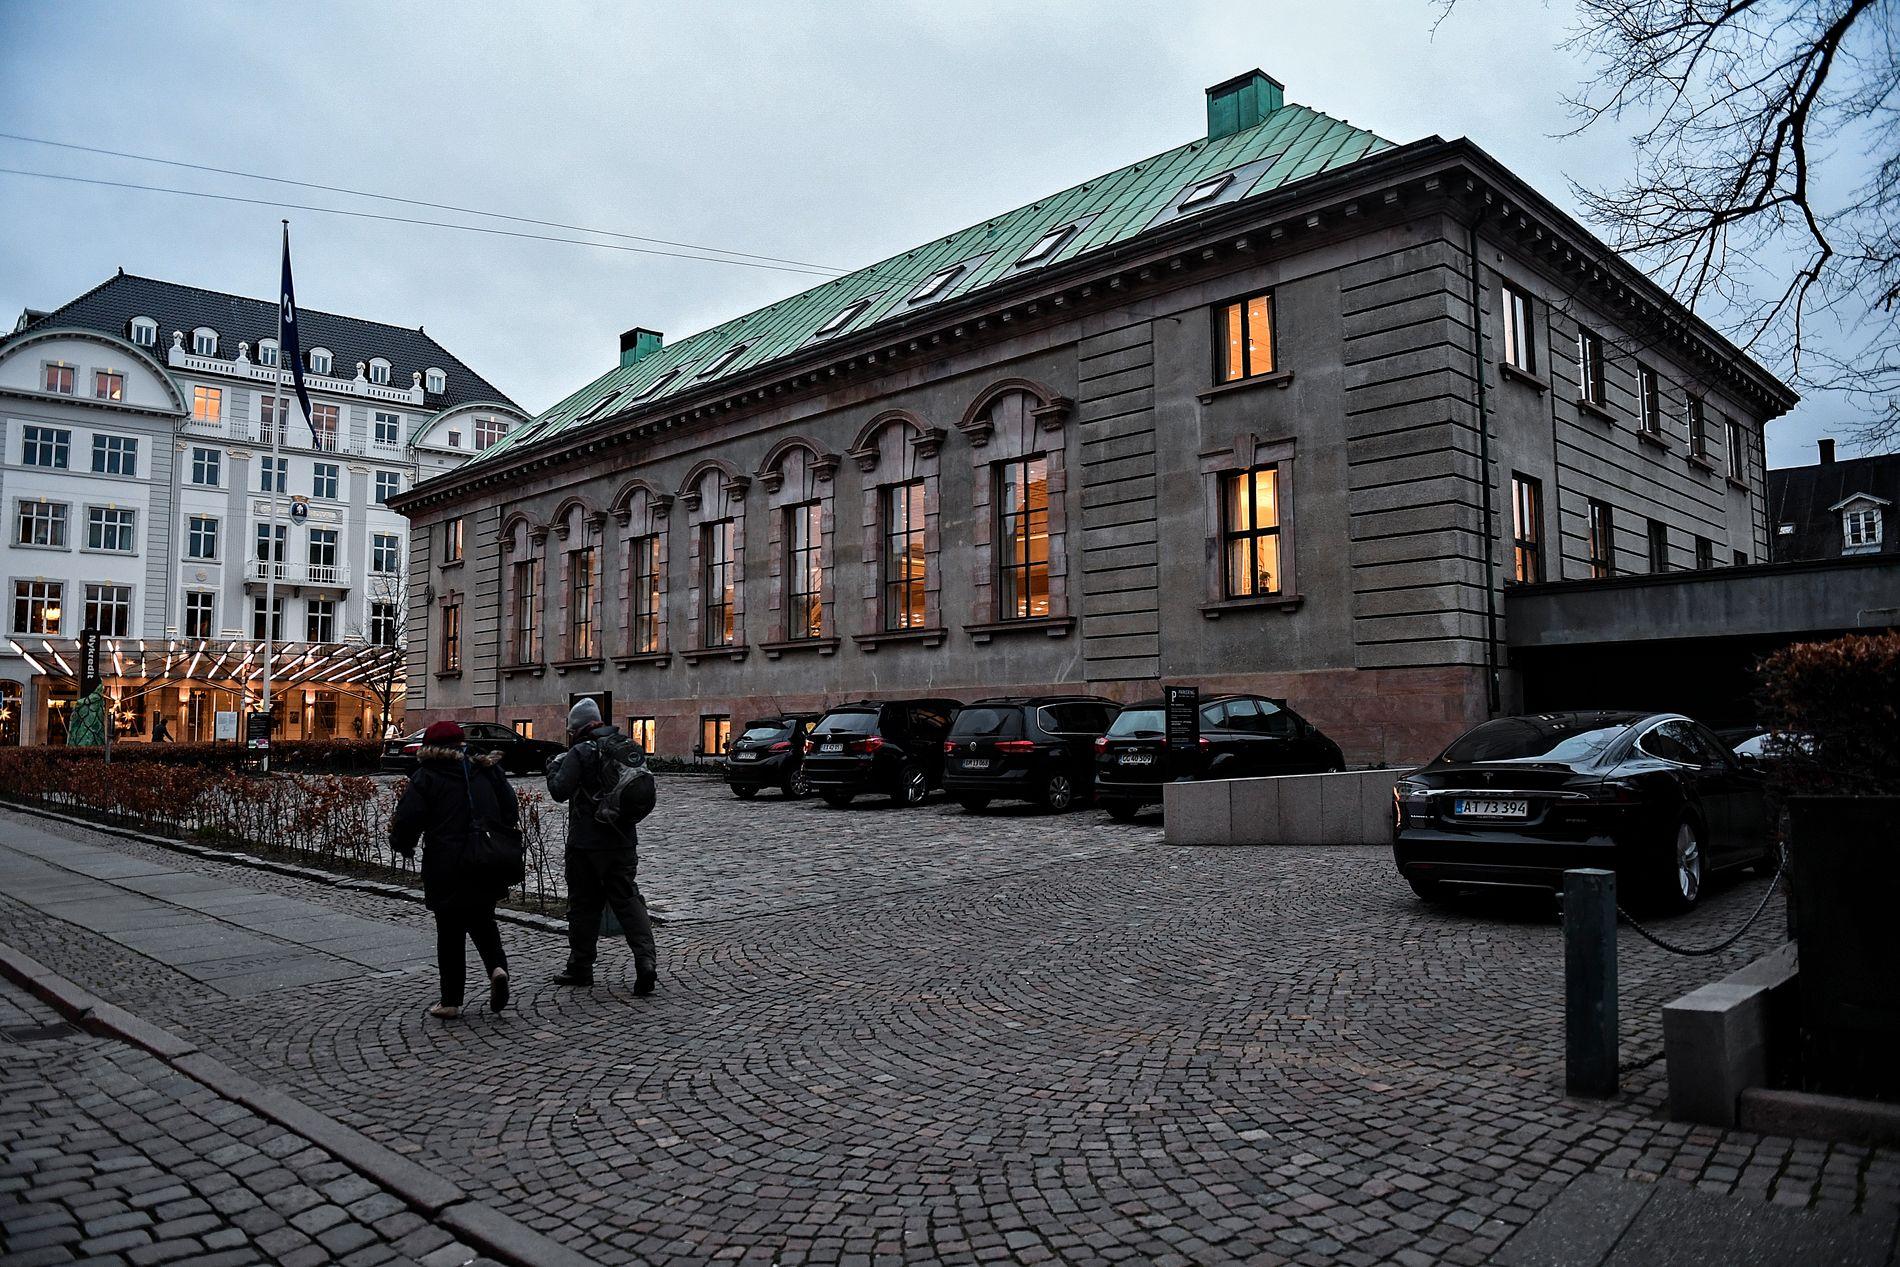 INVESTERINGER: Dette er en av Holch Povlsens eiendommer i Aarhus.